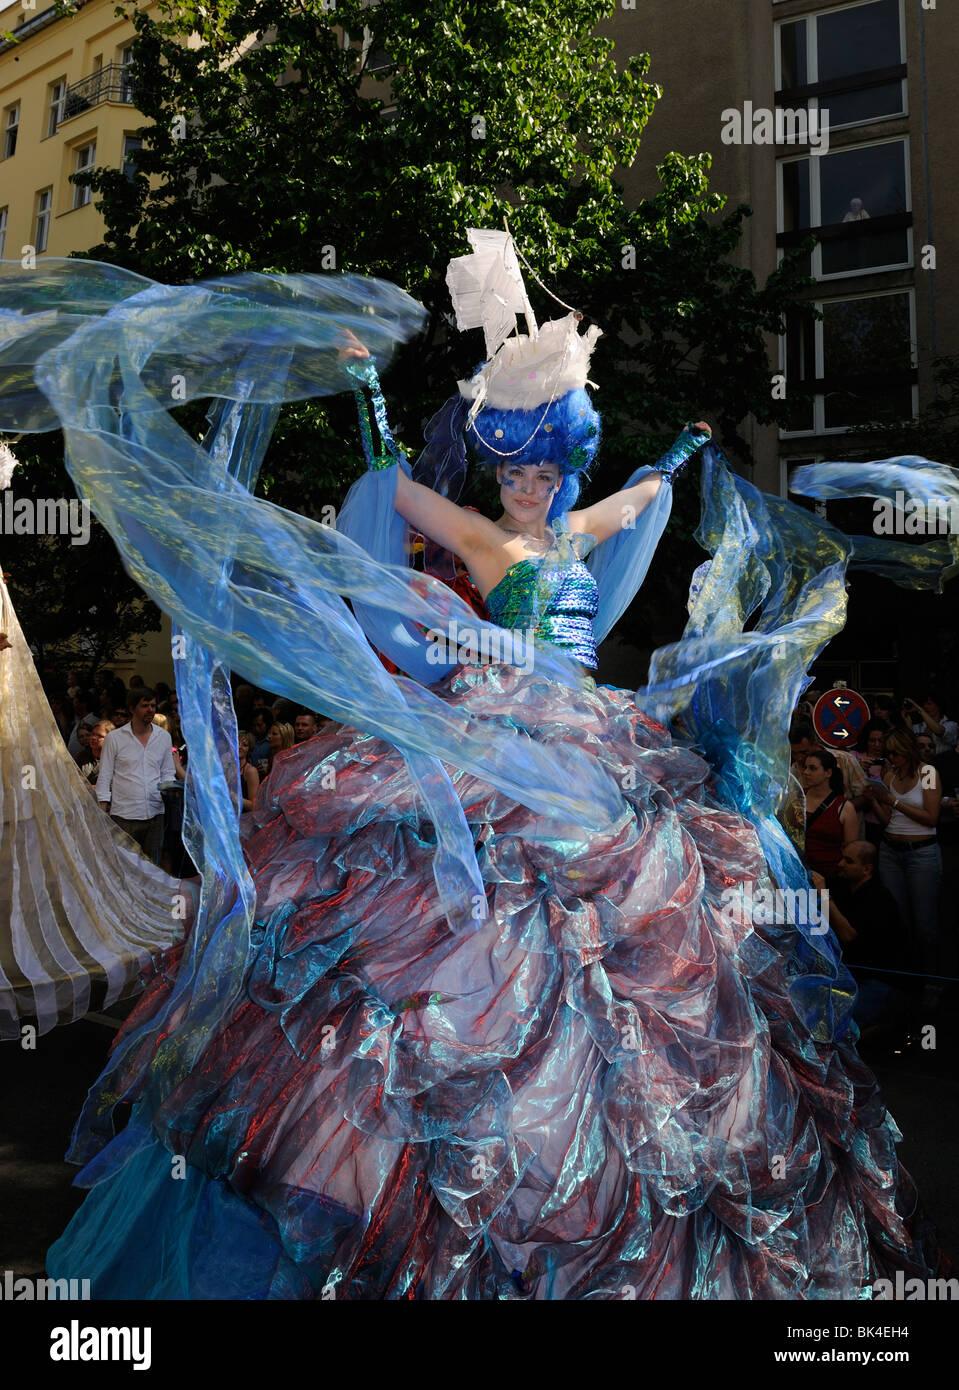 Karneval der Kulturen, Carnaval des Cultures, Berlin, Kreuzberg, l'Allemagne, de l'Europe. Photo Stock